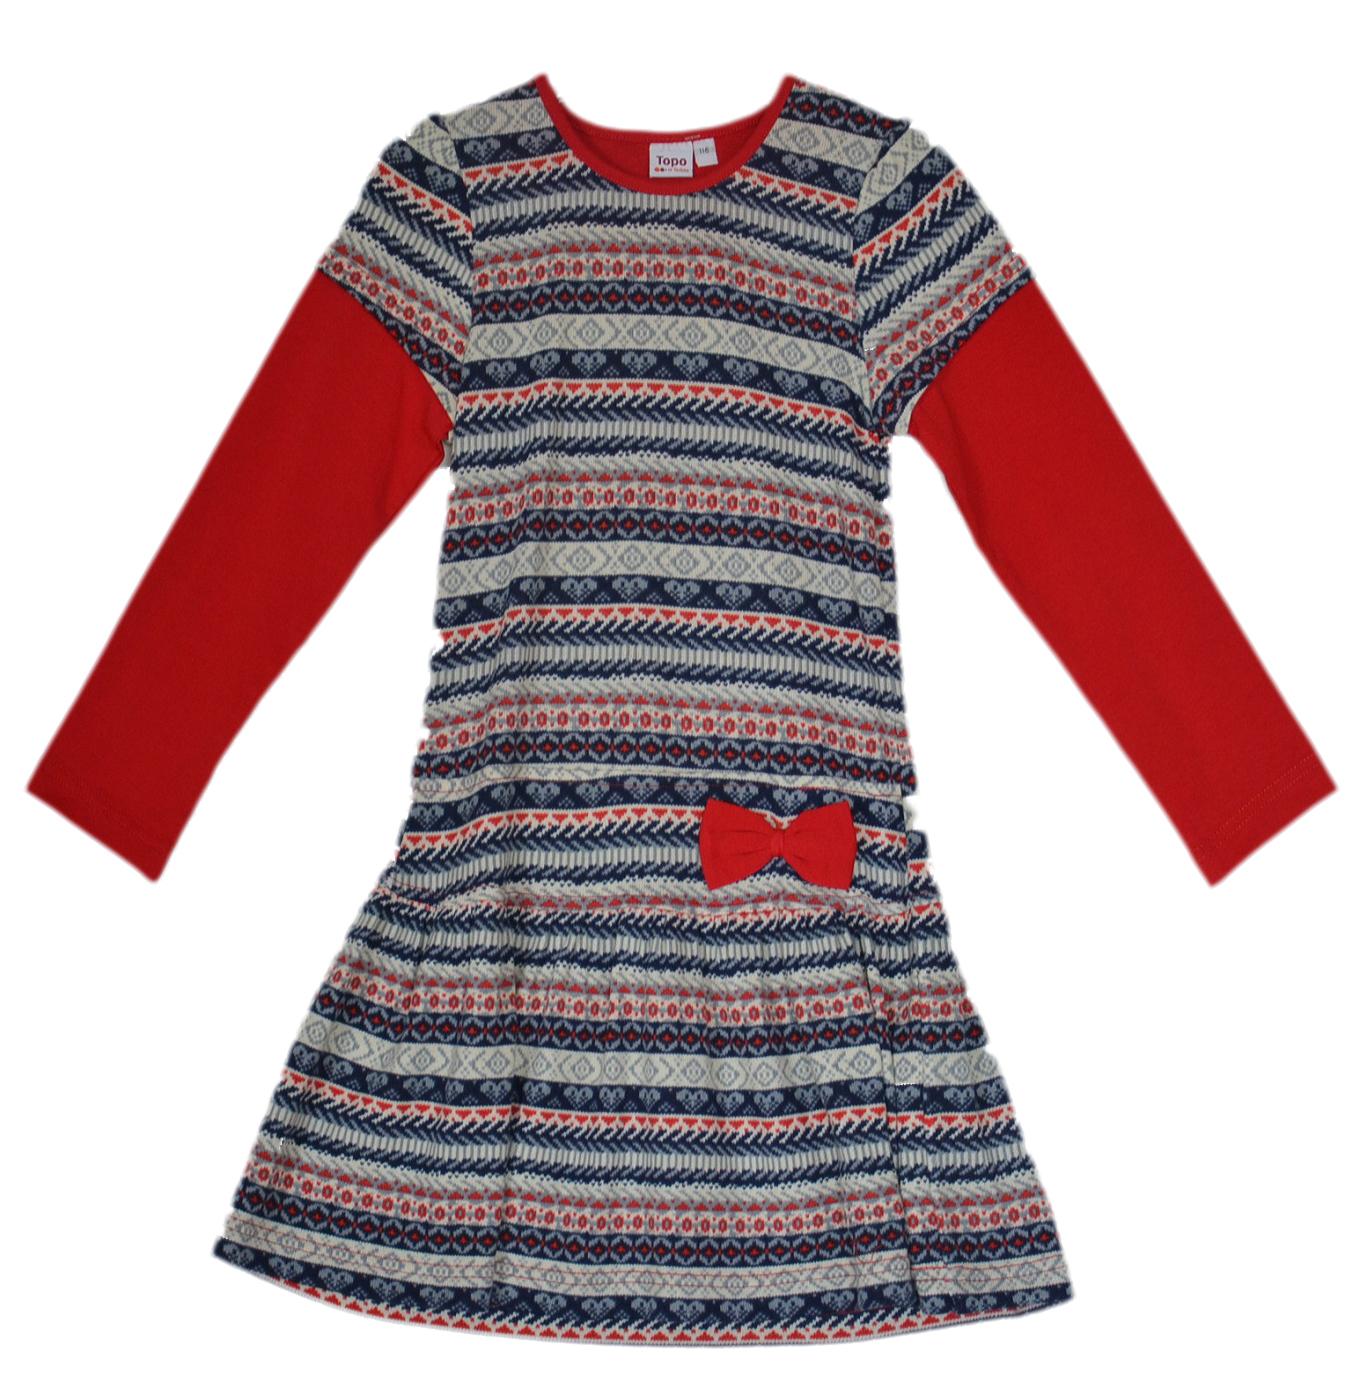 9aa114267 Topo Dievčenské vzorované šaty s mašľou - farebné, 92 cm ...